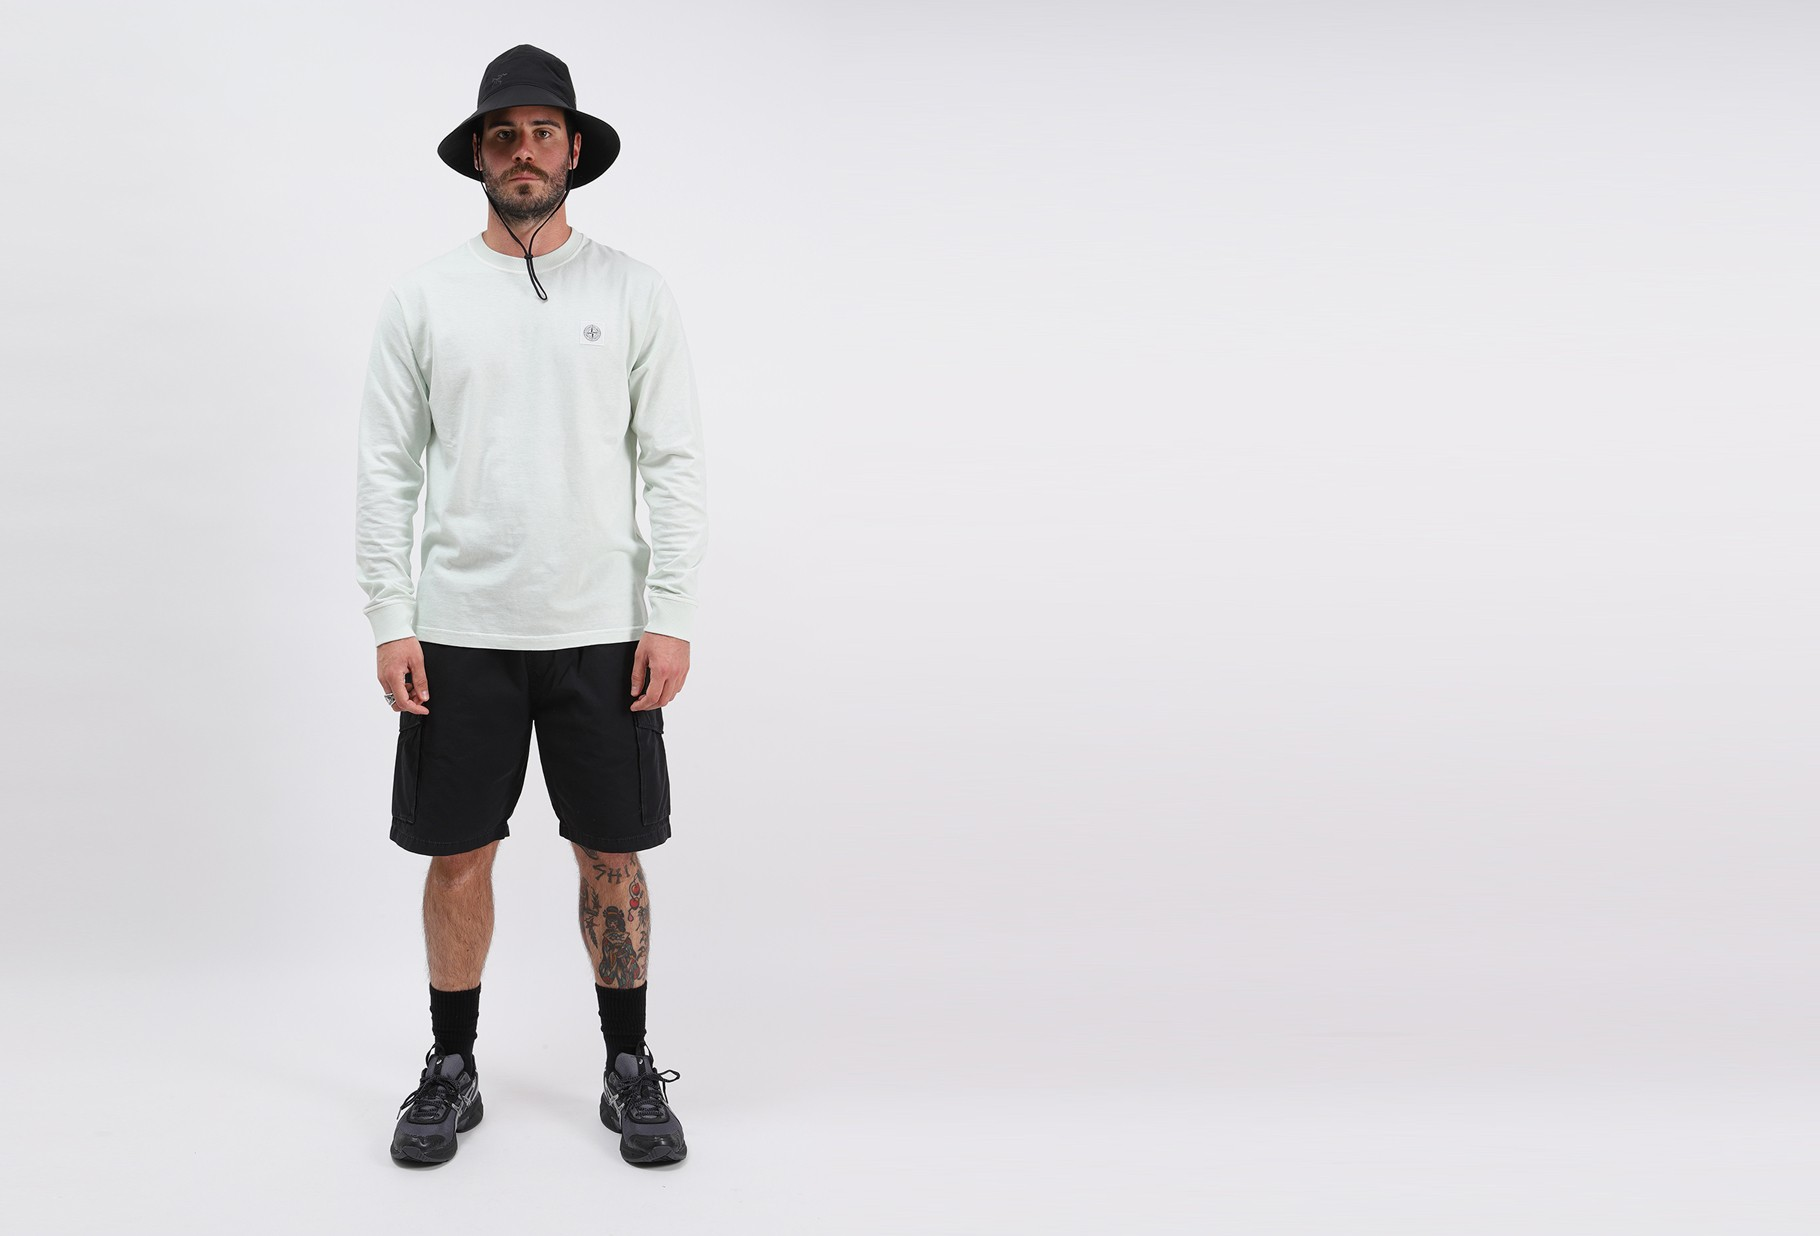 STONE ISLAND / 21842 ls fissato t shirt v0152 Verde chiaro